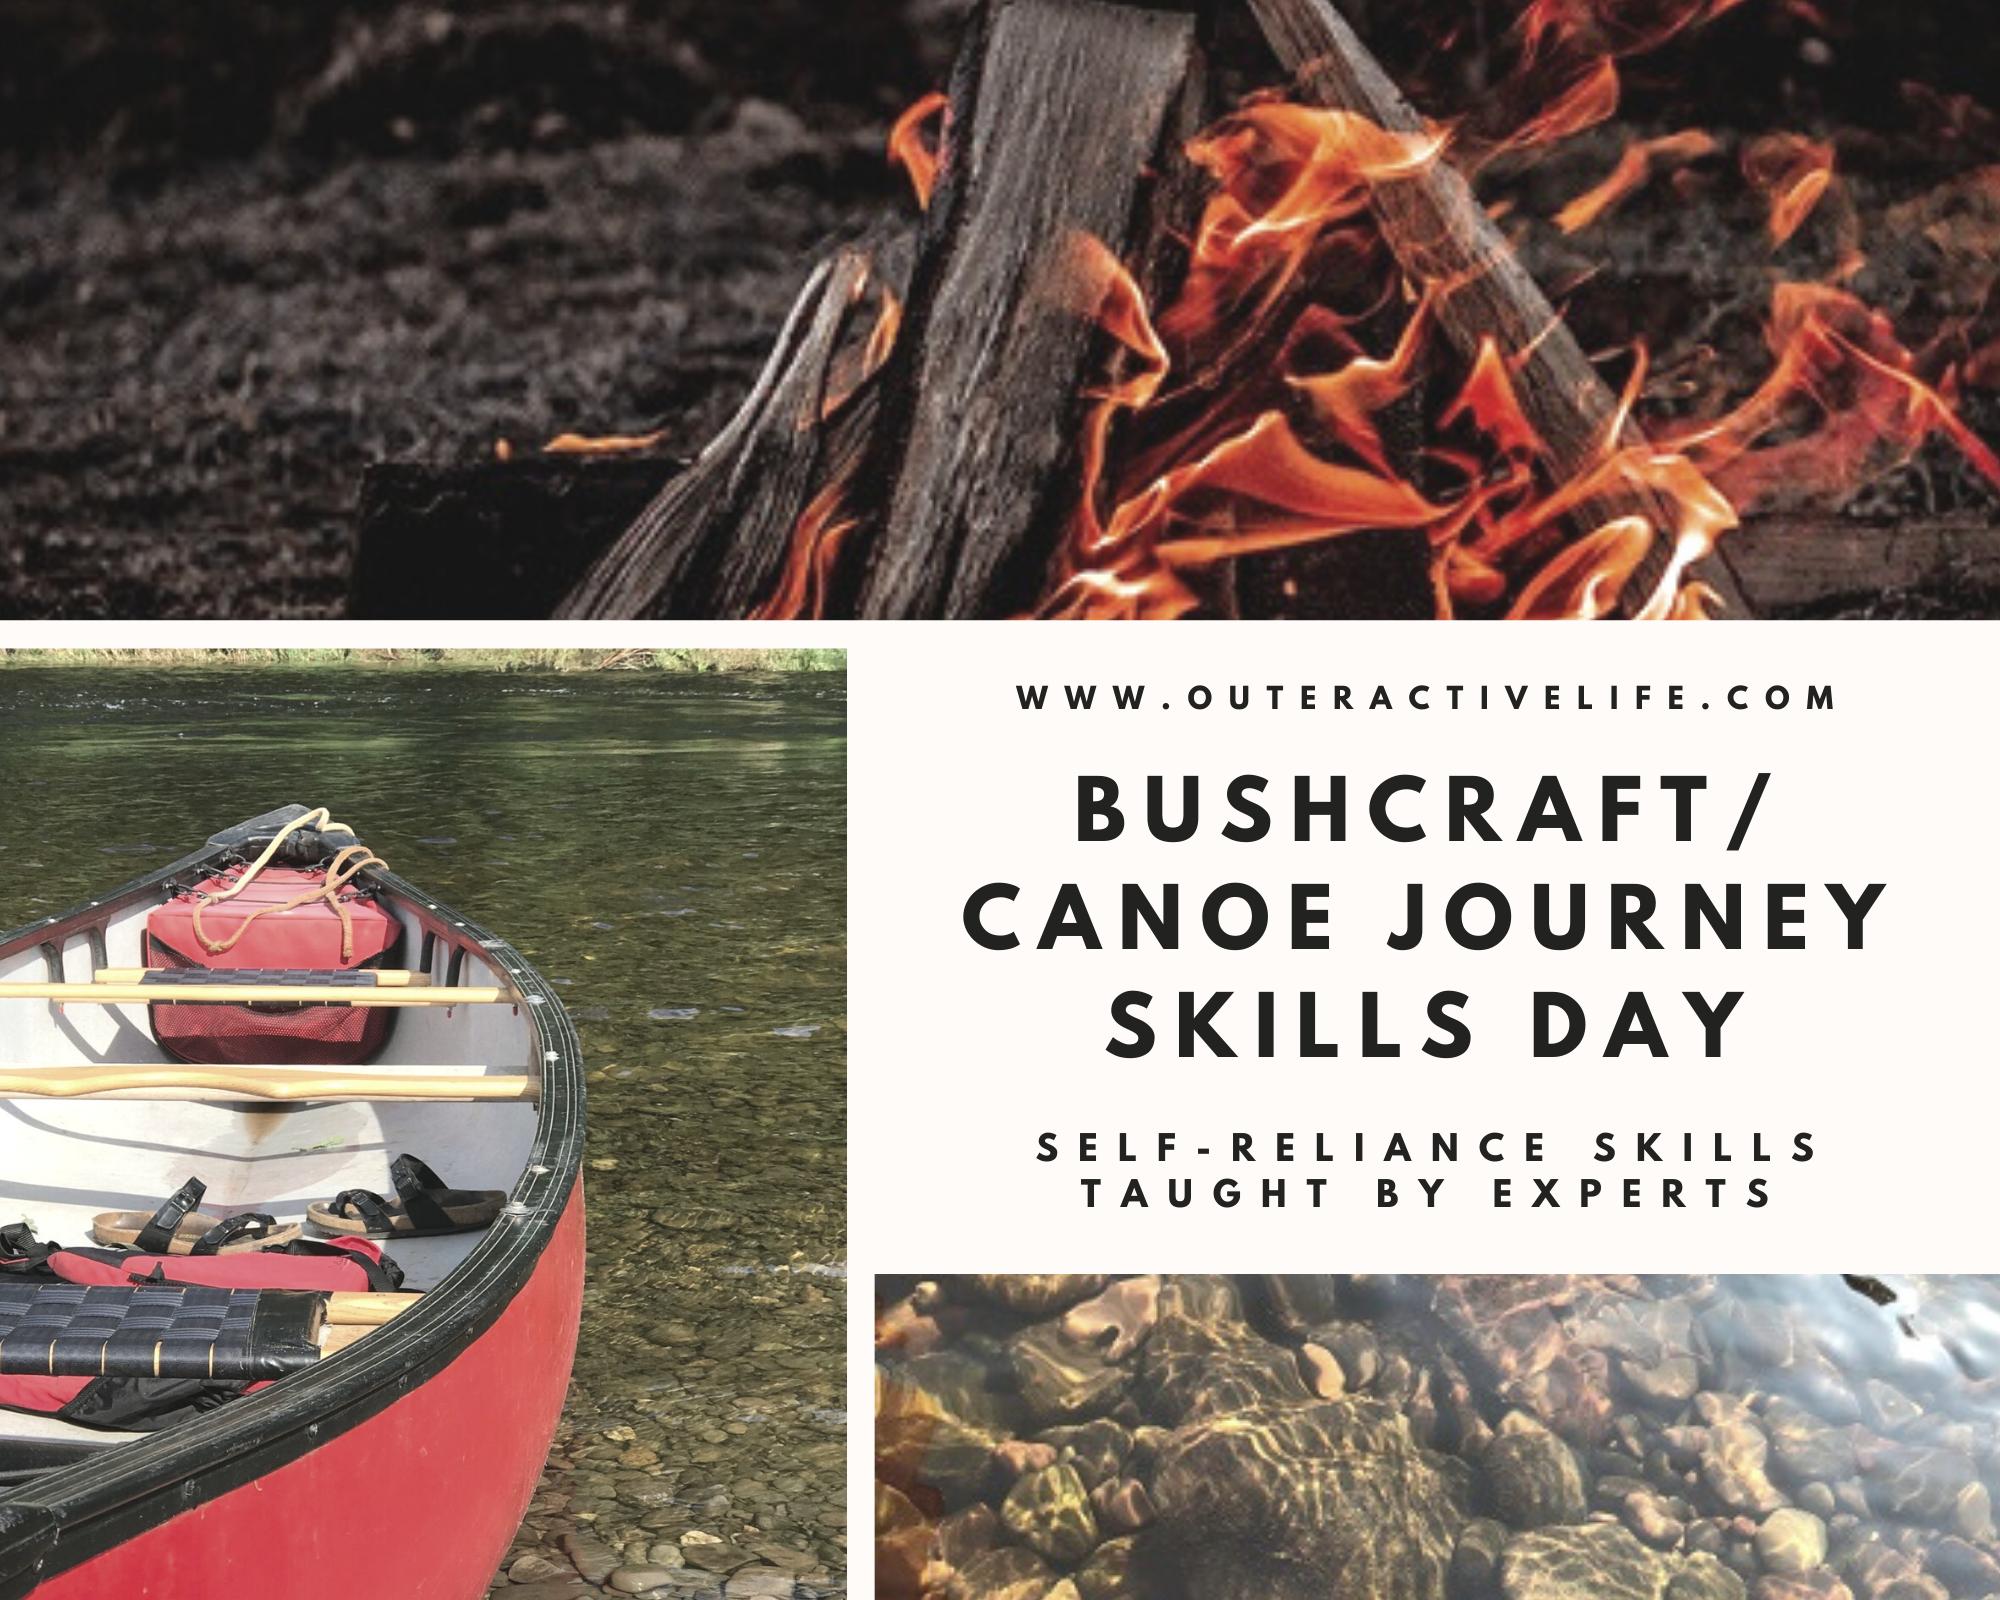 BUSHCRAFT CANOE/JOURNEY SKILLS DAY